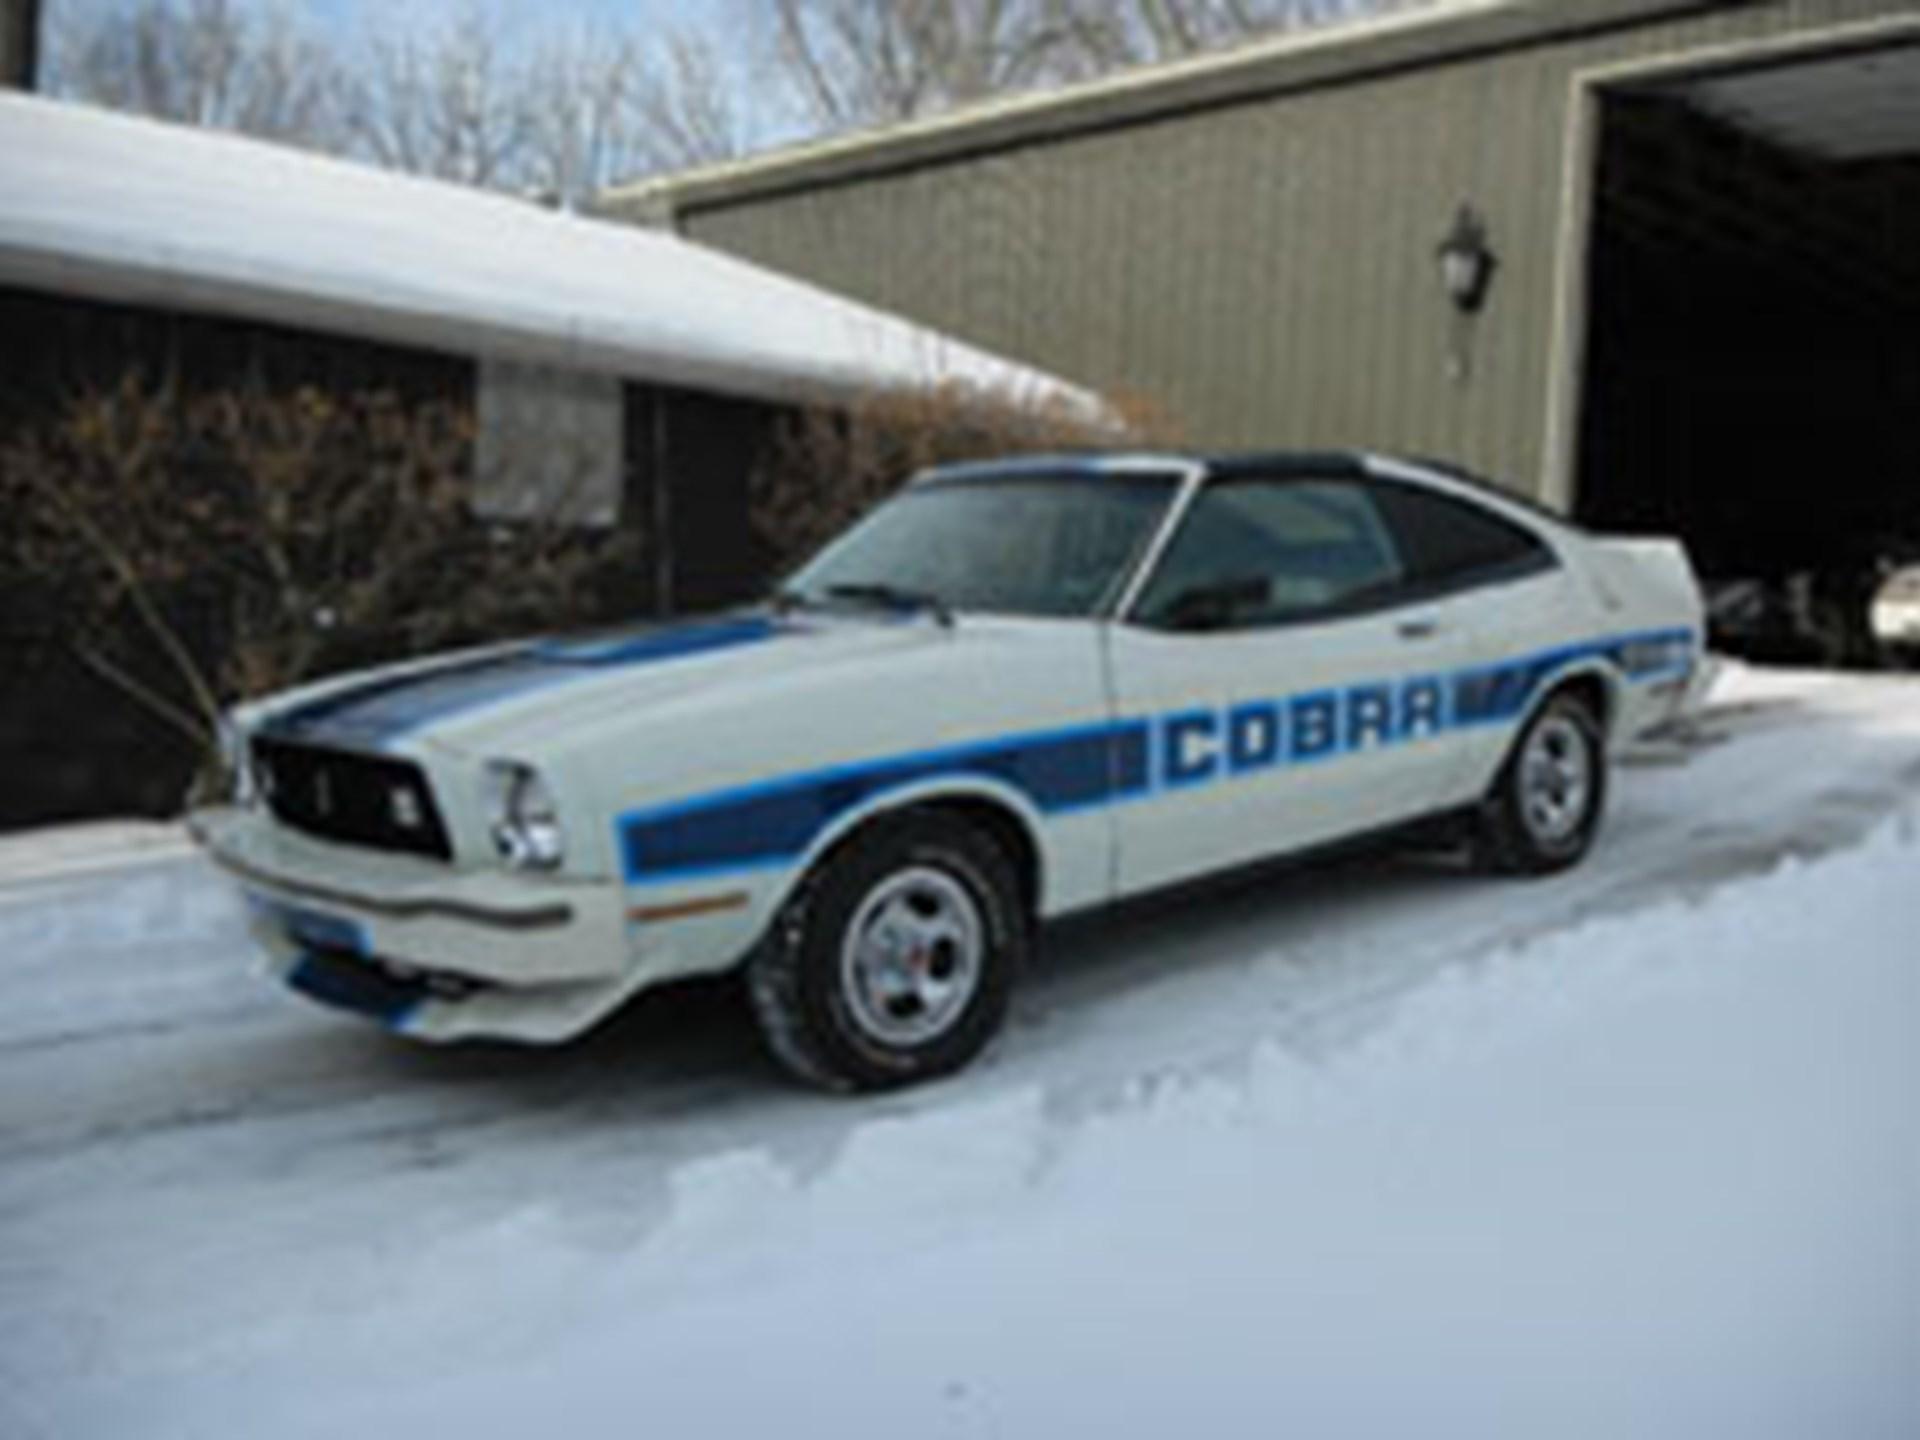 1978 ford mustang ii cobra ii